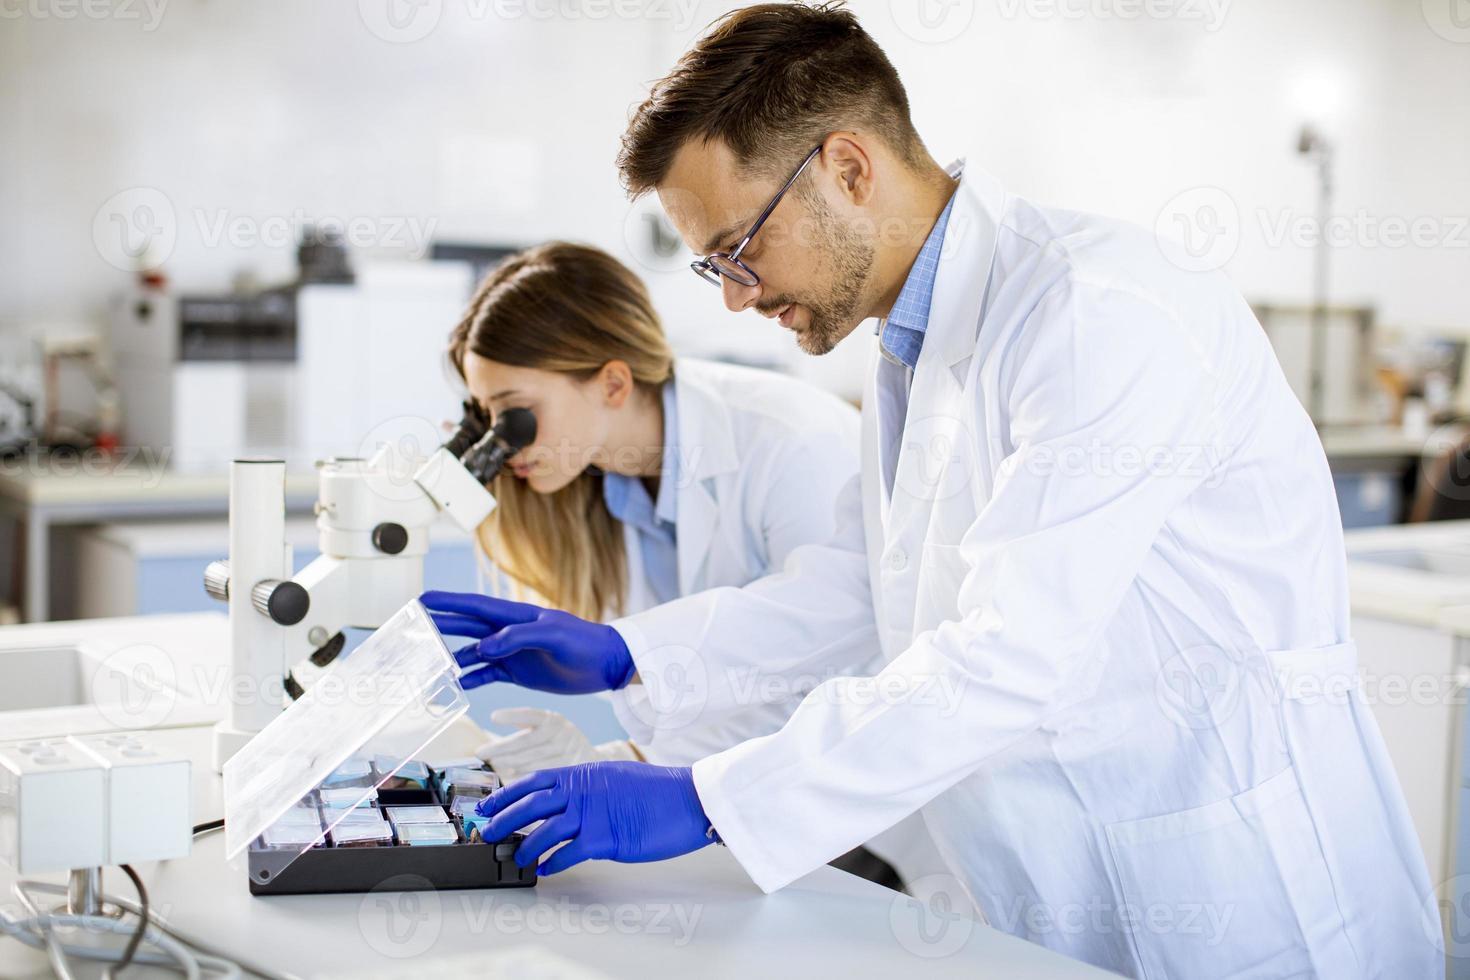 gruppo di giovani ricercatori che analizzano dati chimici in laboratorio foto